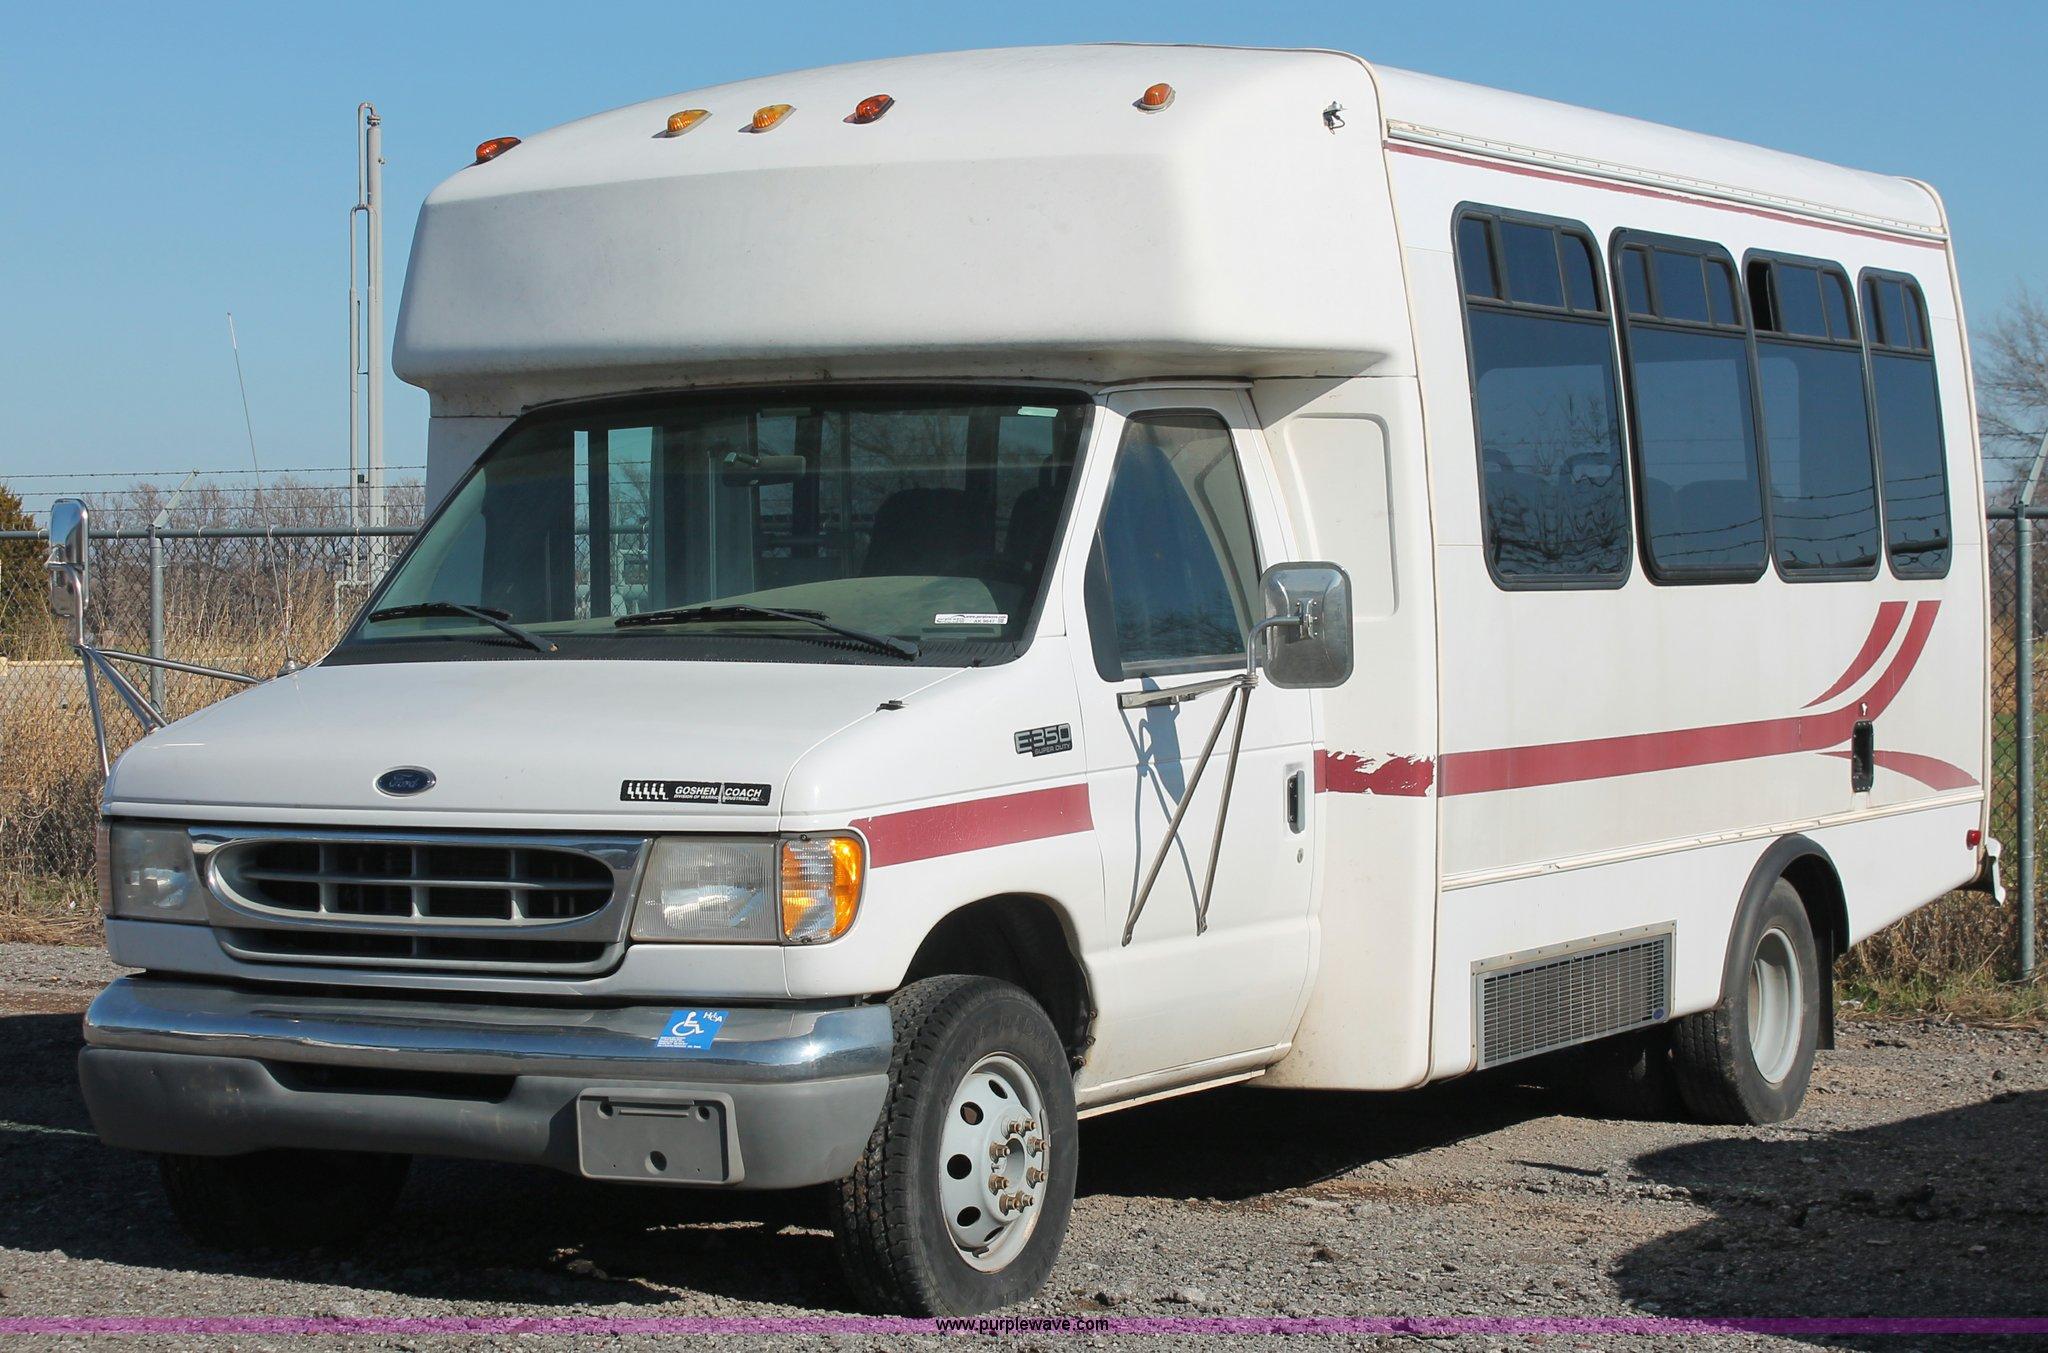 AK9647 image for item AK9647 1999 Ford Econoline E350 bus